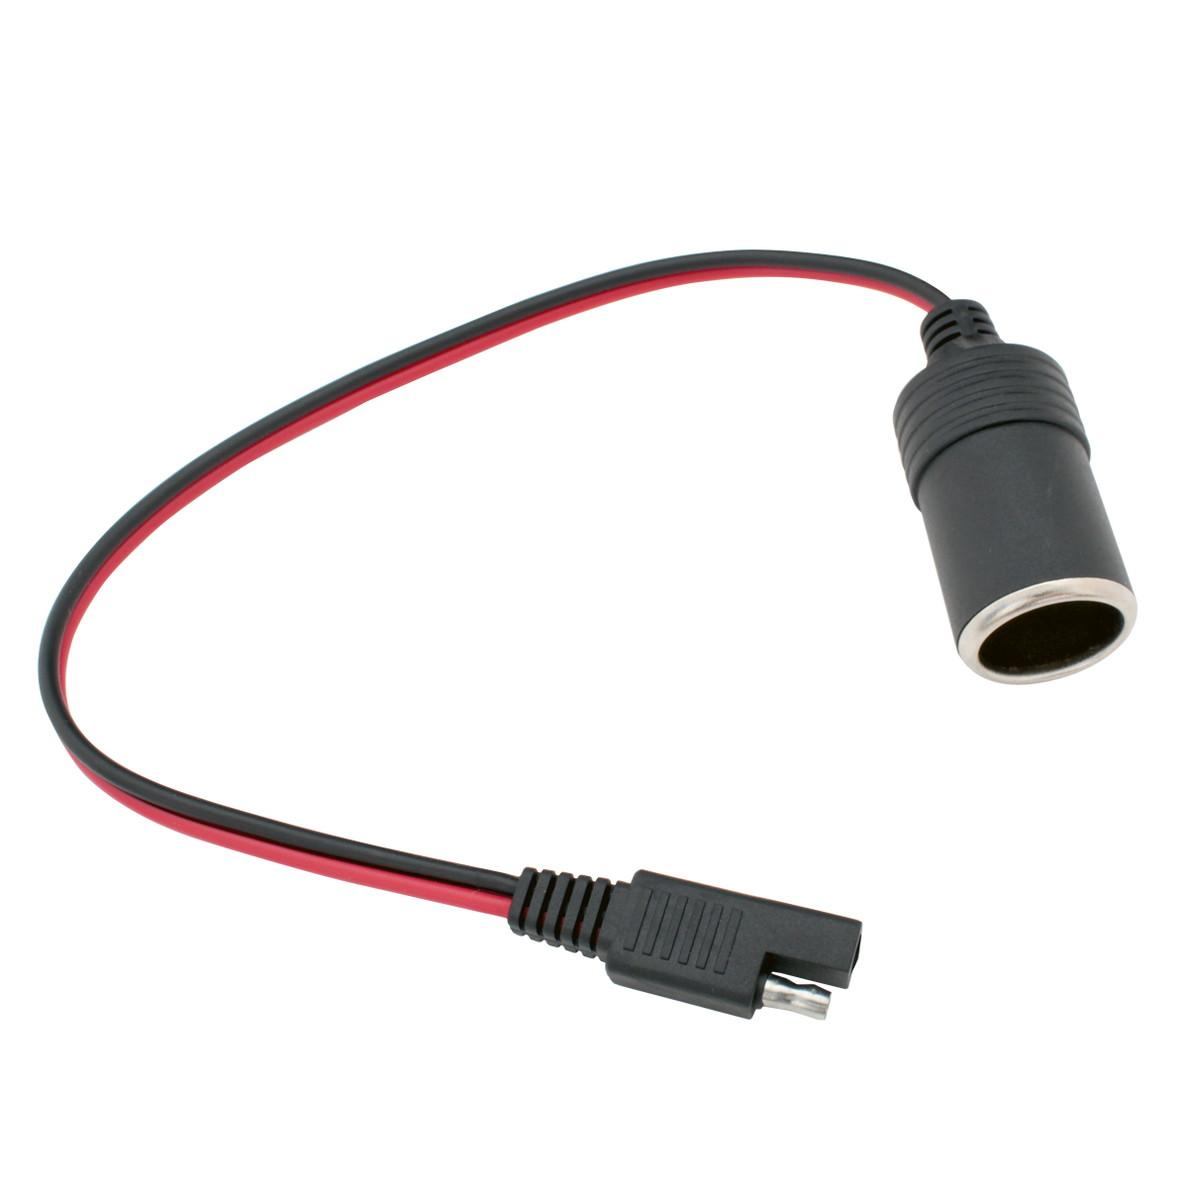 6079(1個) 4.5mm (0.5〜2sq) ギボシ端子接続用 シガーソケット(メス) 12V/10A